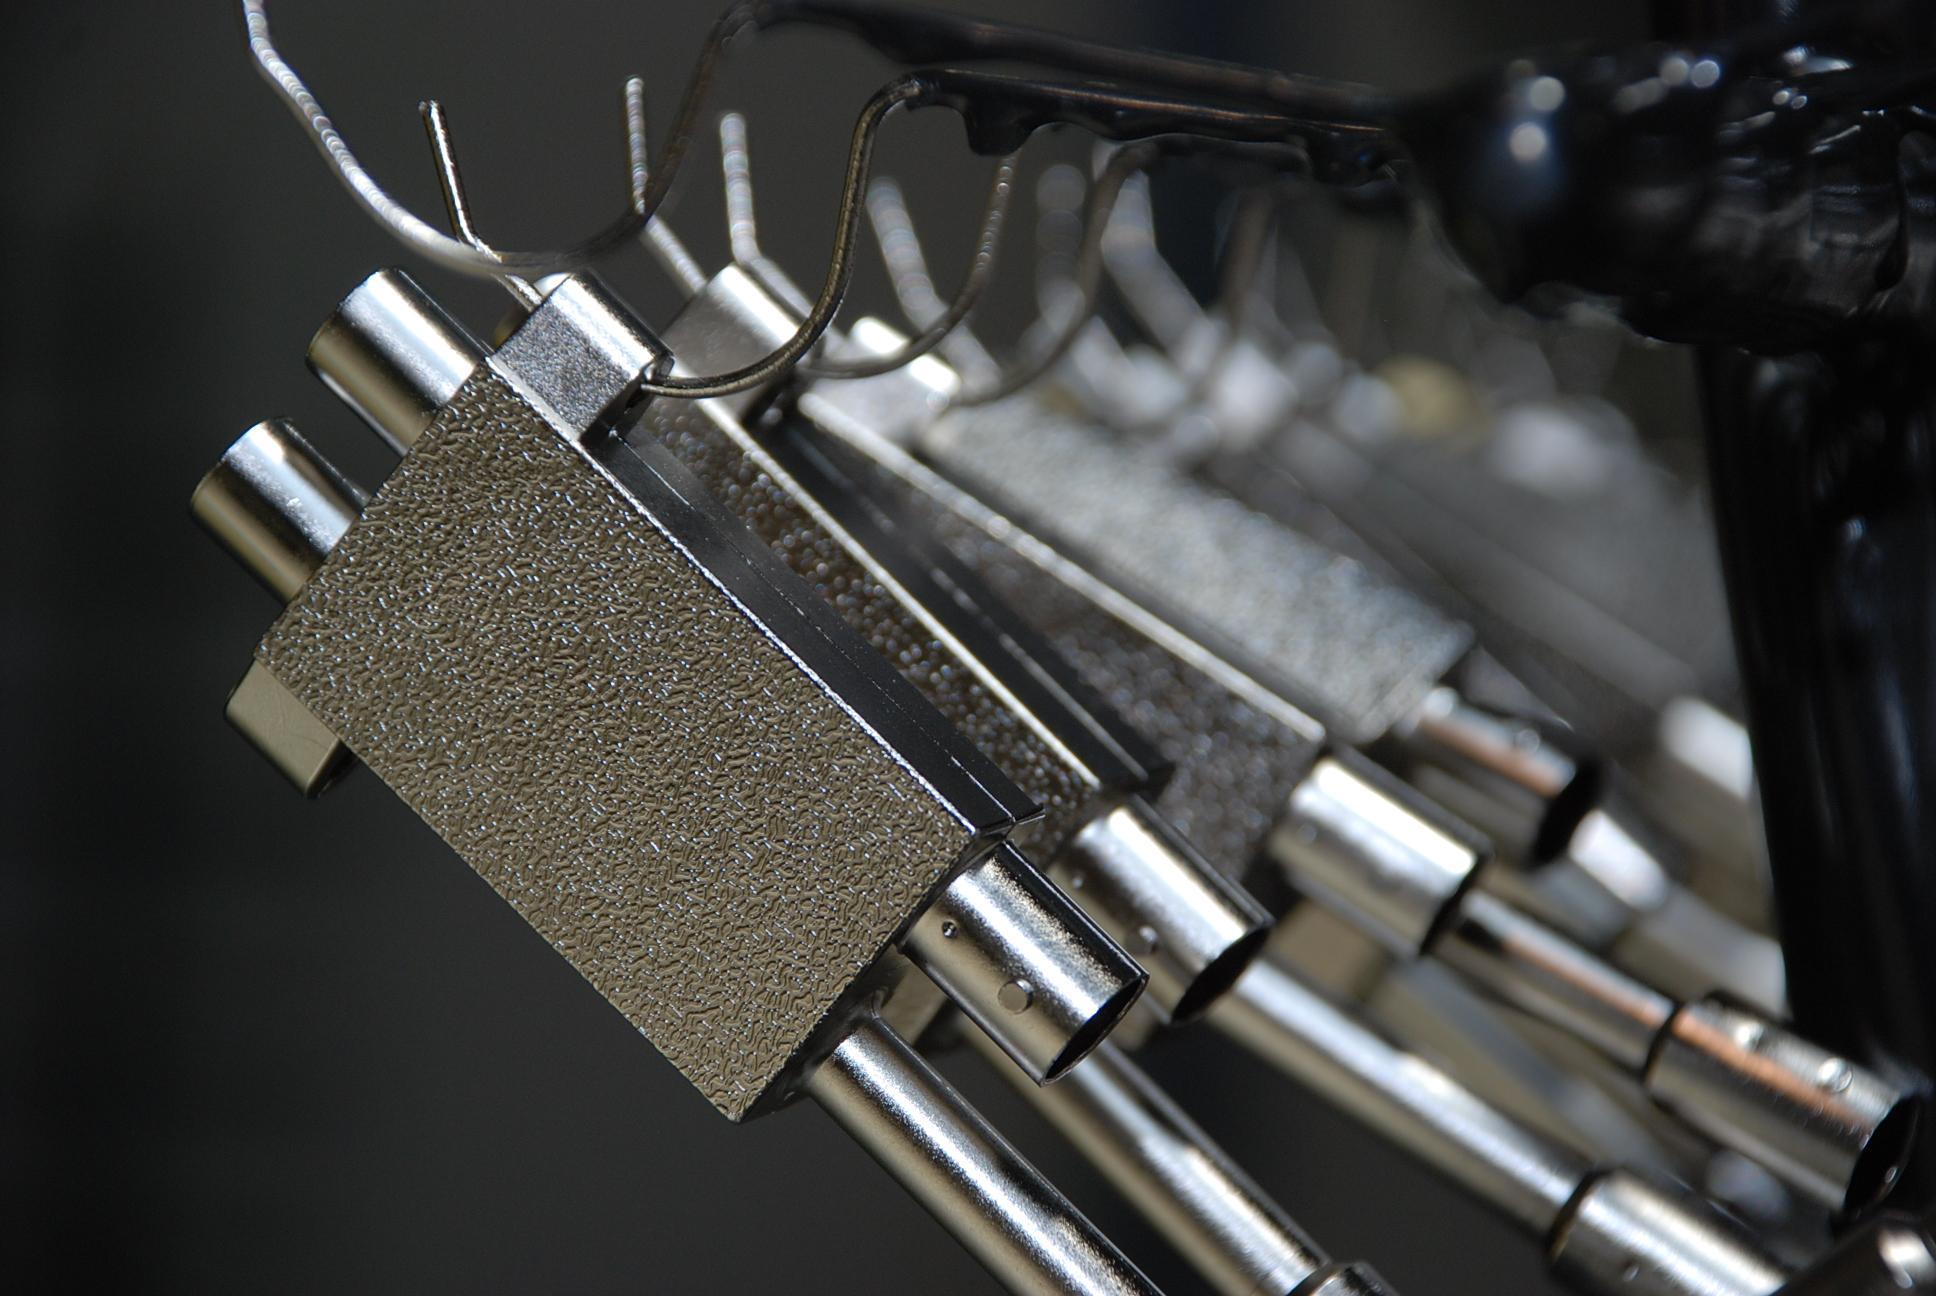 Rack Nickel Plating